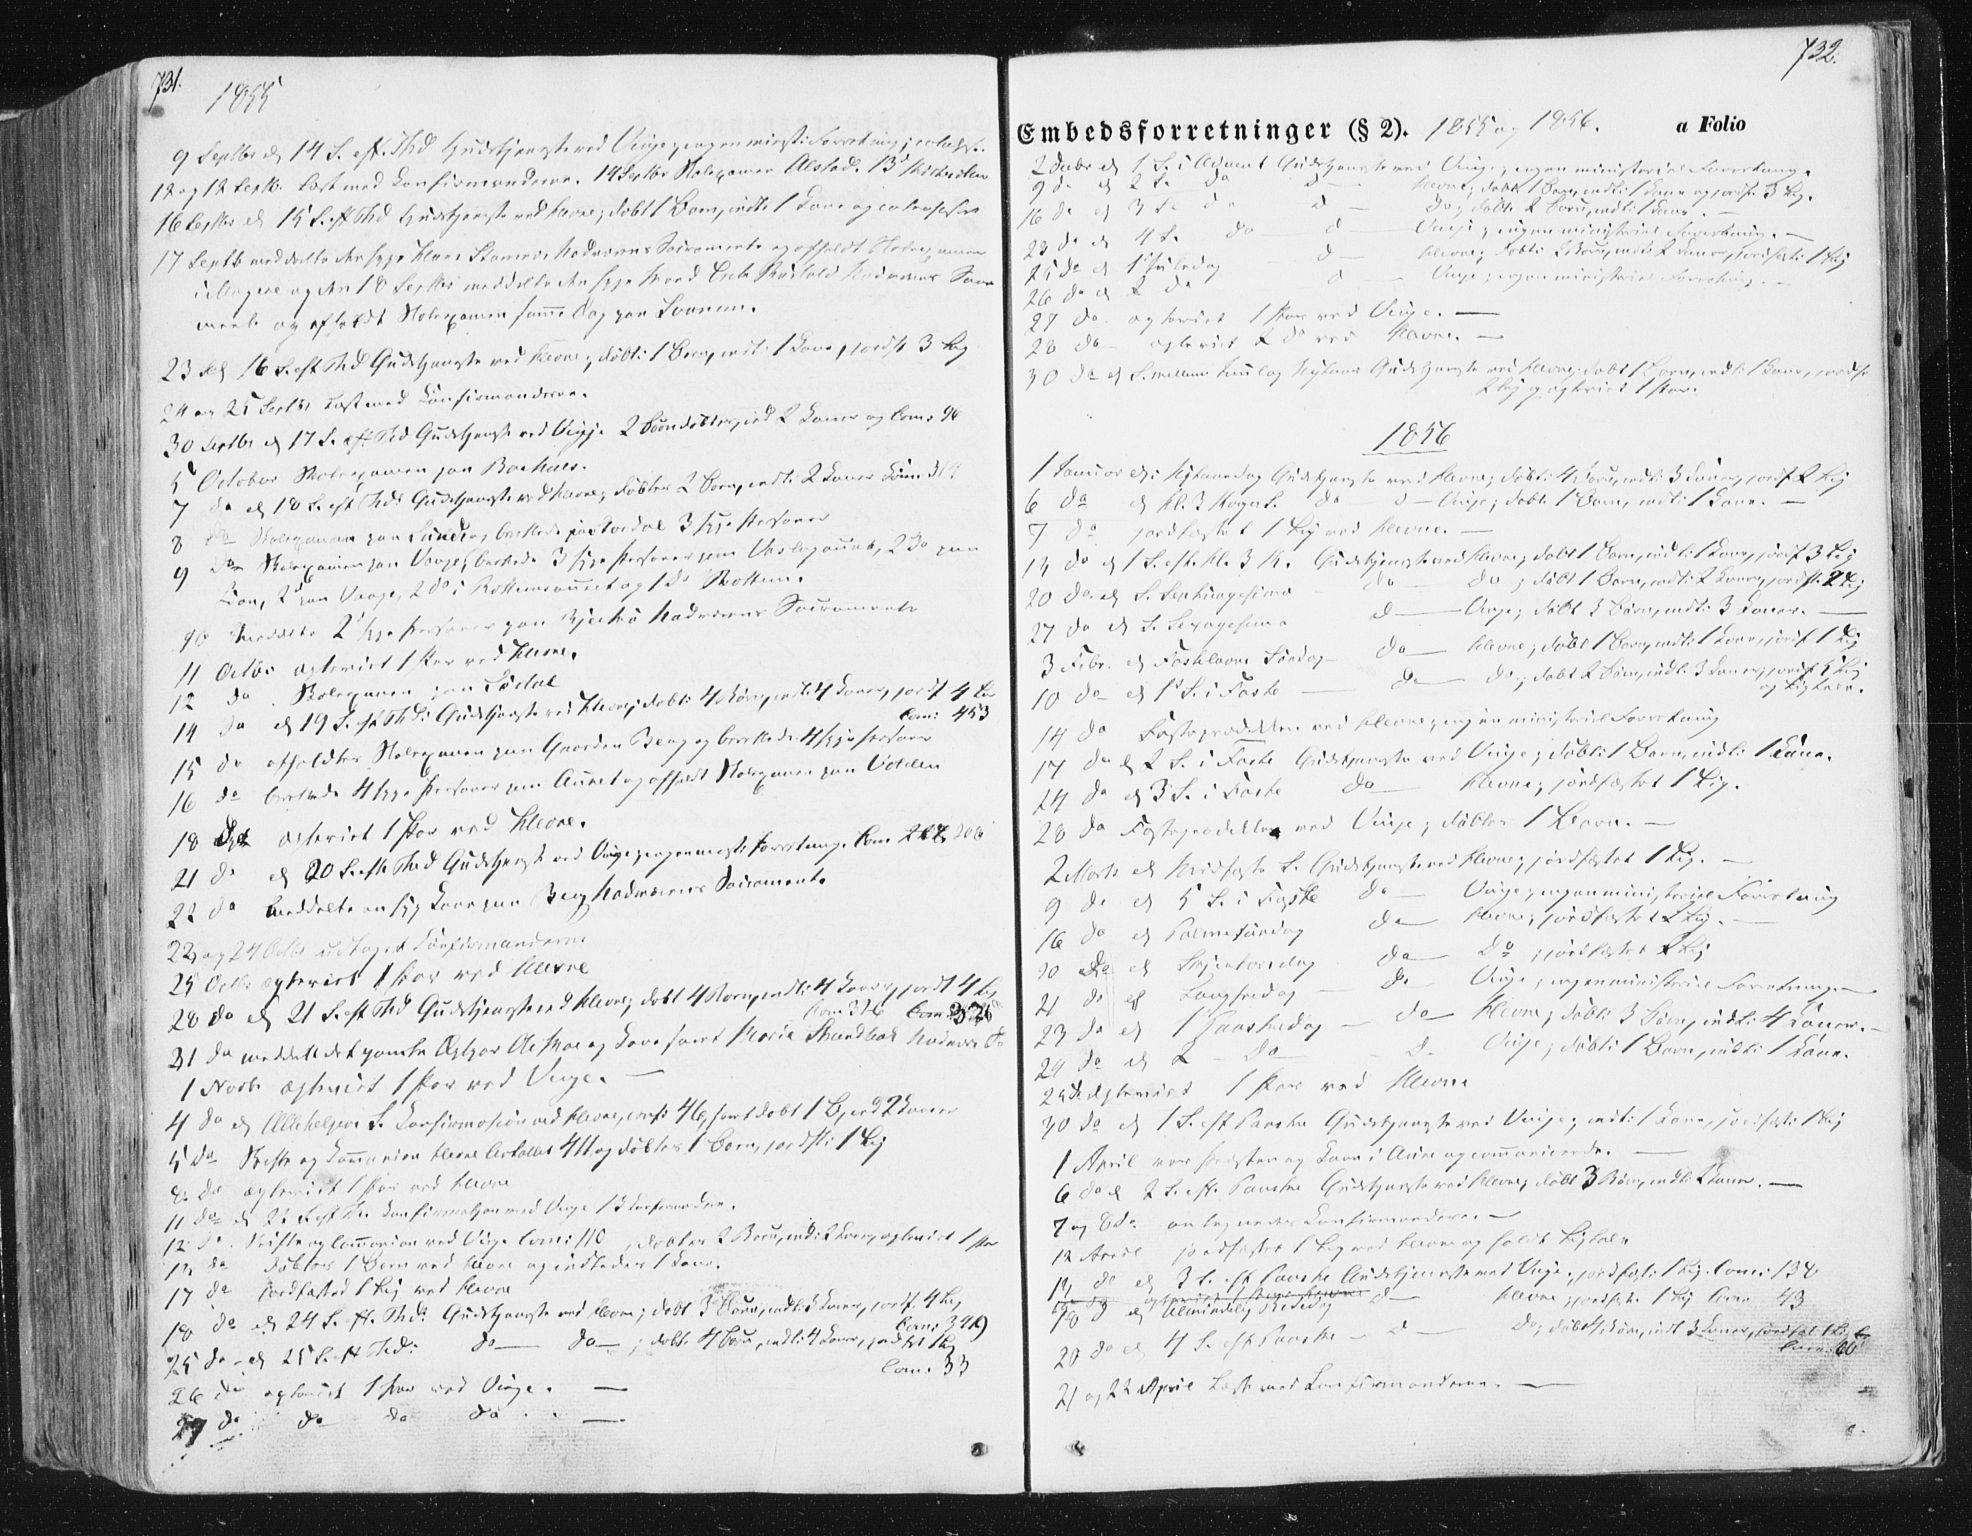 SAT, Ministerialprotokoller, klokkerbøker og fødselsregistre - Sør-Trøndelag, 630/L0494: Ministerialbok nr. 630A07, 1852-1868, s. 731-732